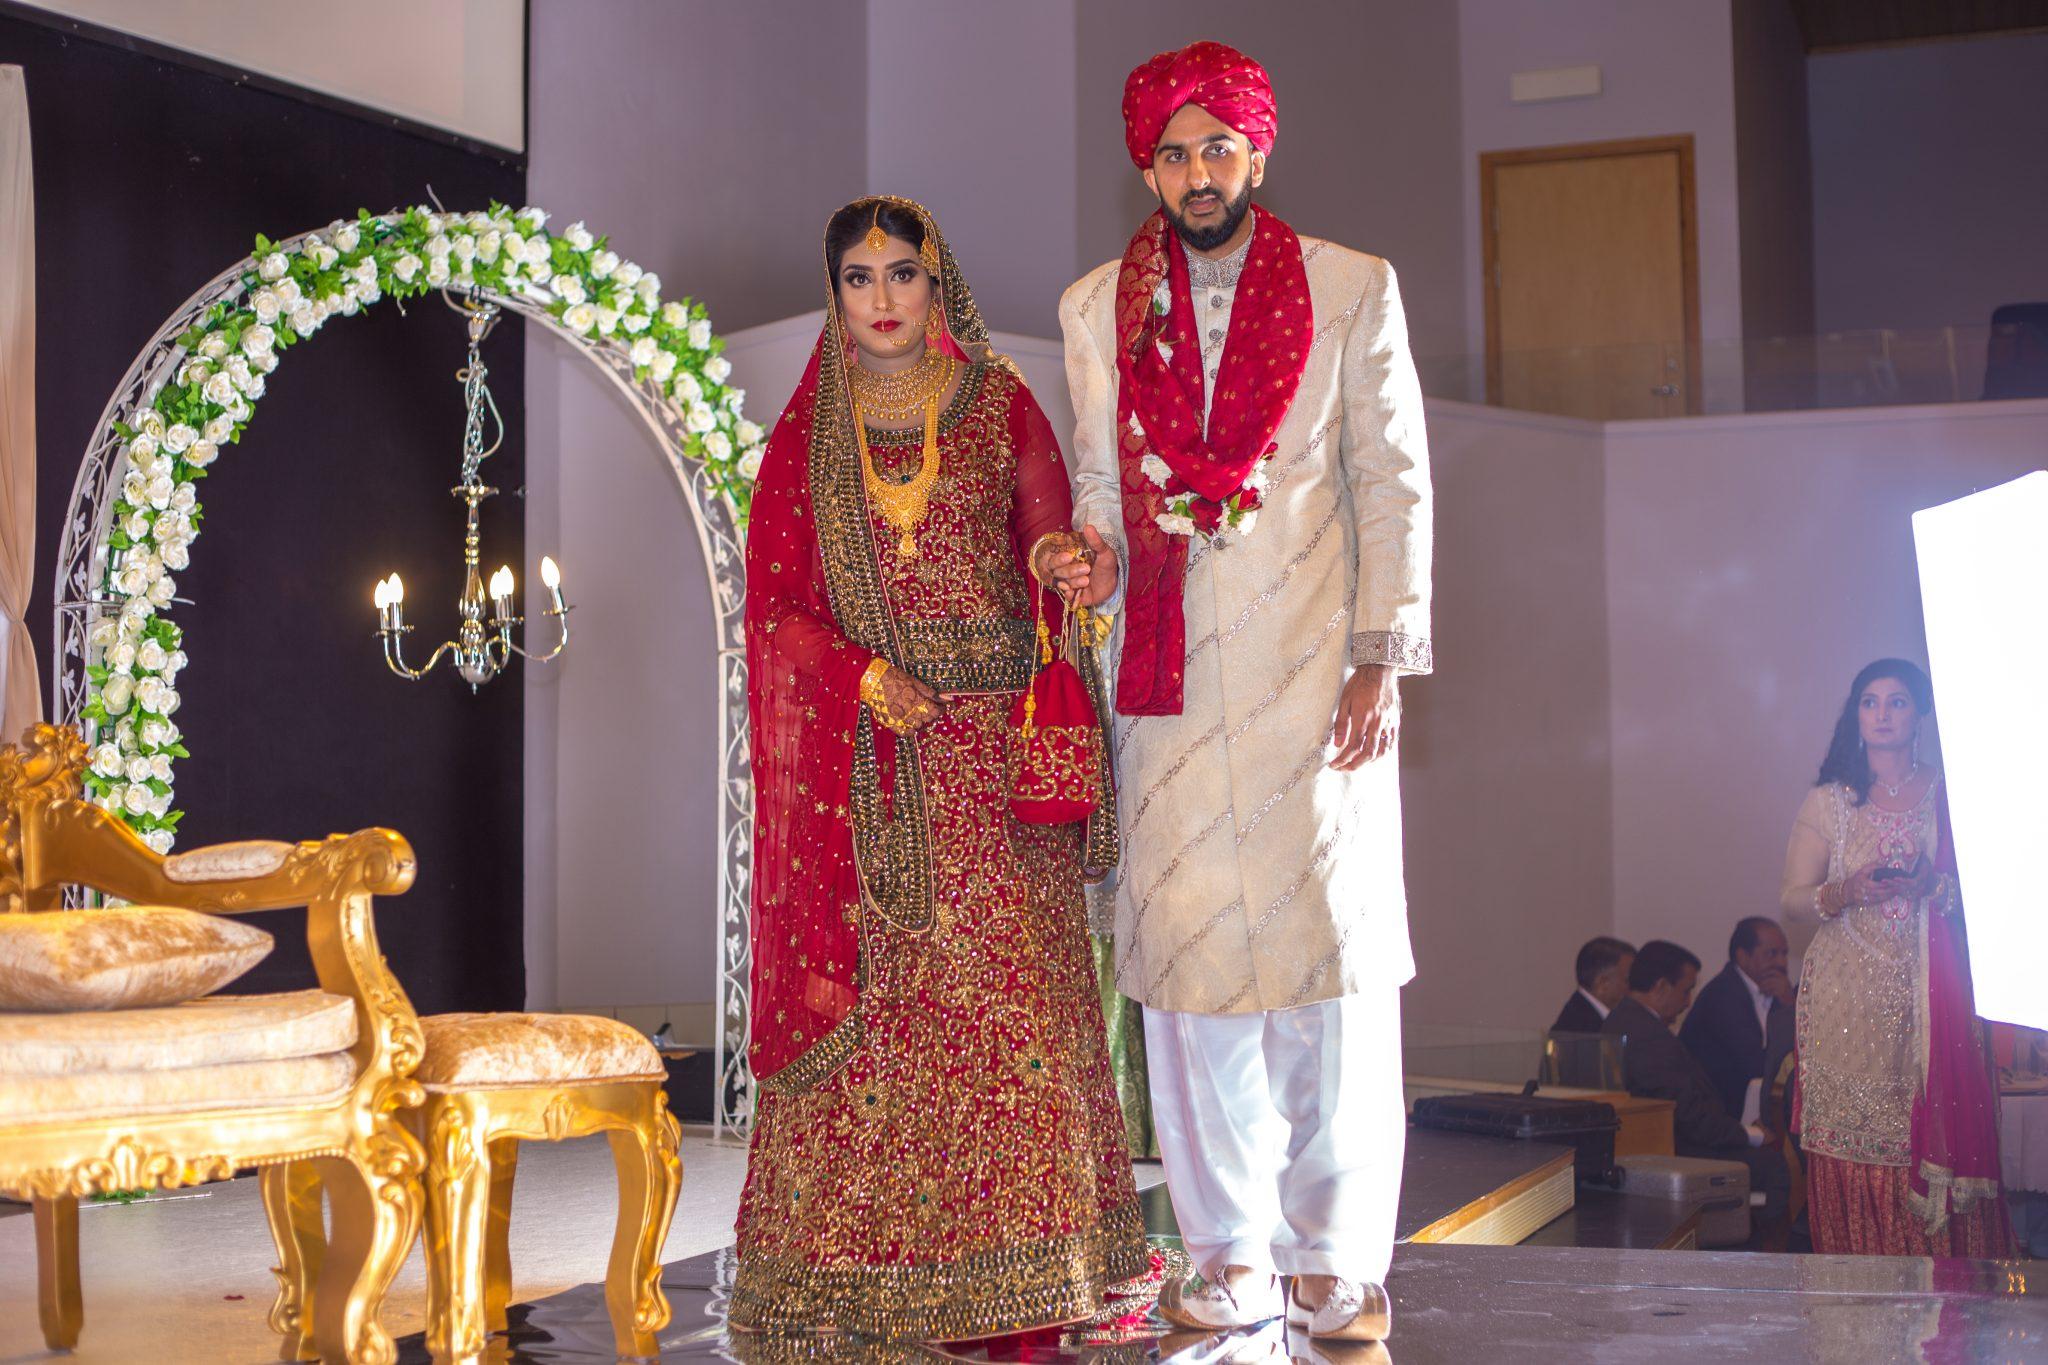 Bruden og brudgommen på deres Baraat